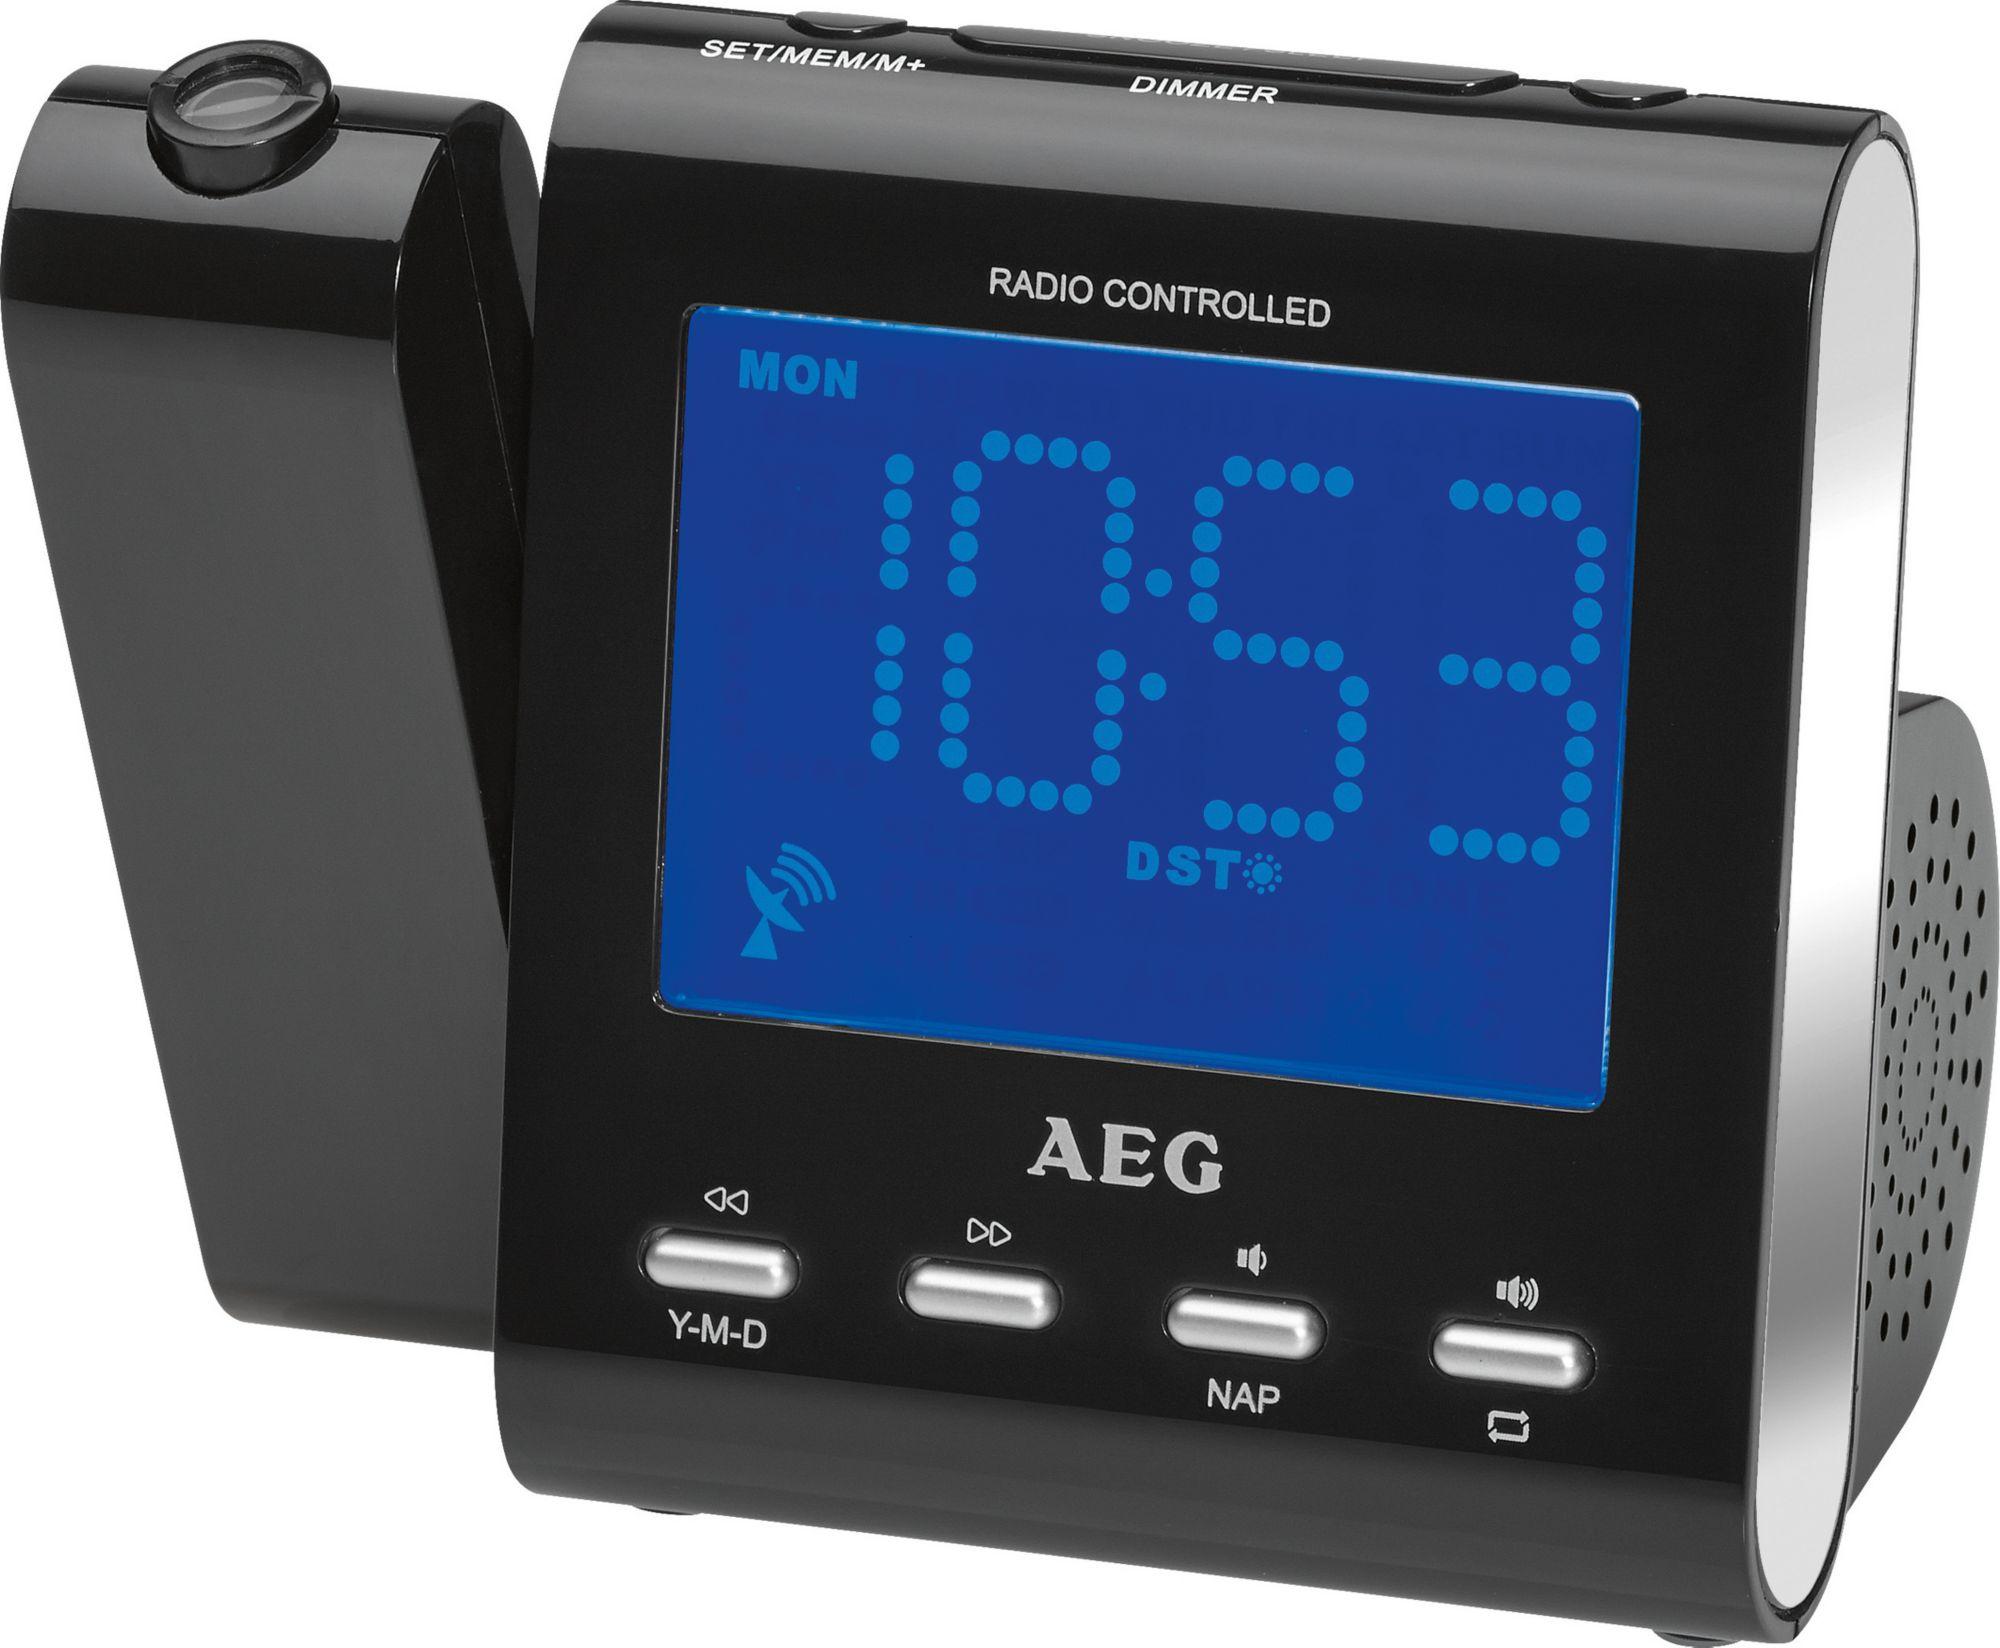 AEG  Funk-Uhrenradio mit Projektion der Uhrzeit »MRC 4122 F N«